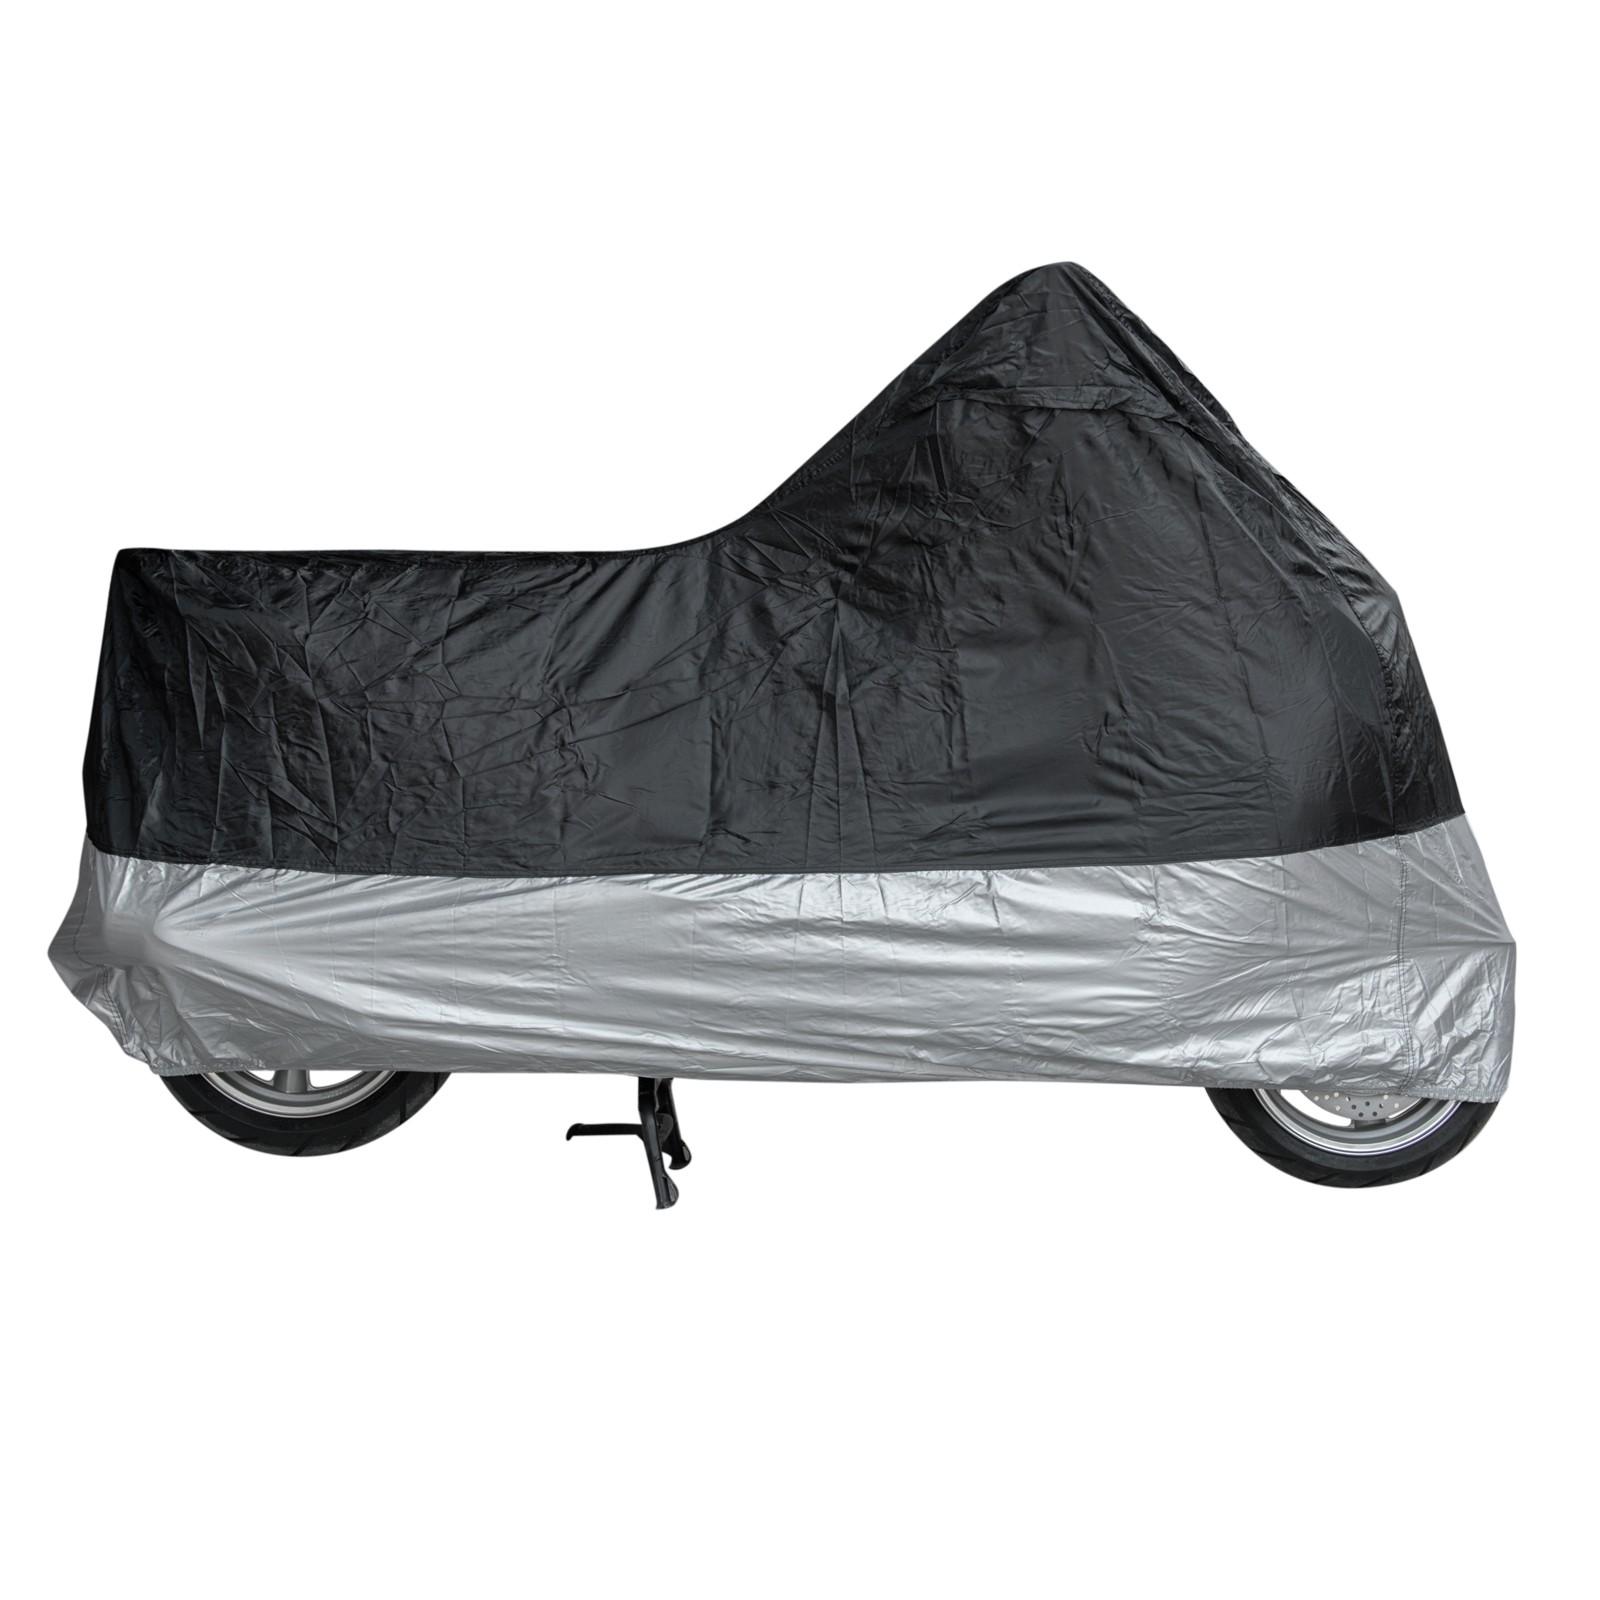 Motorcycle cover waterproof